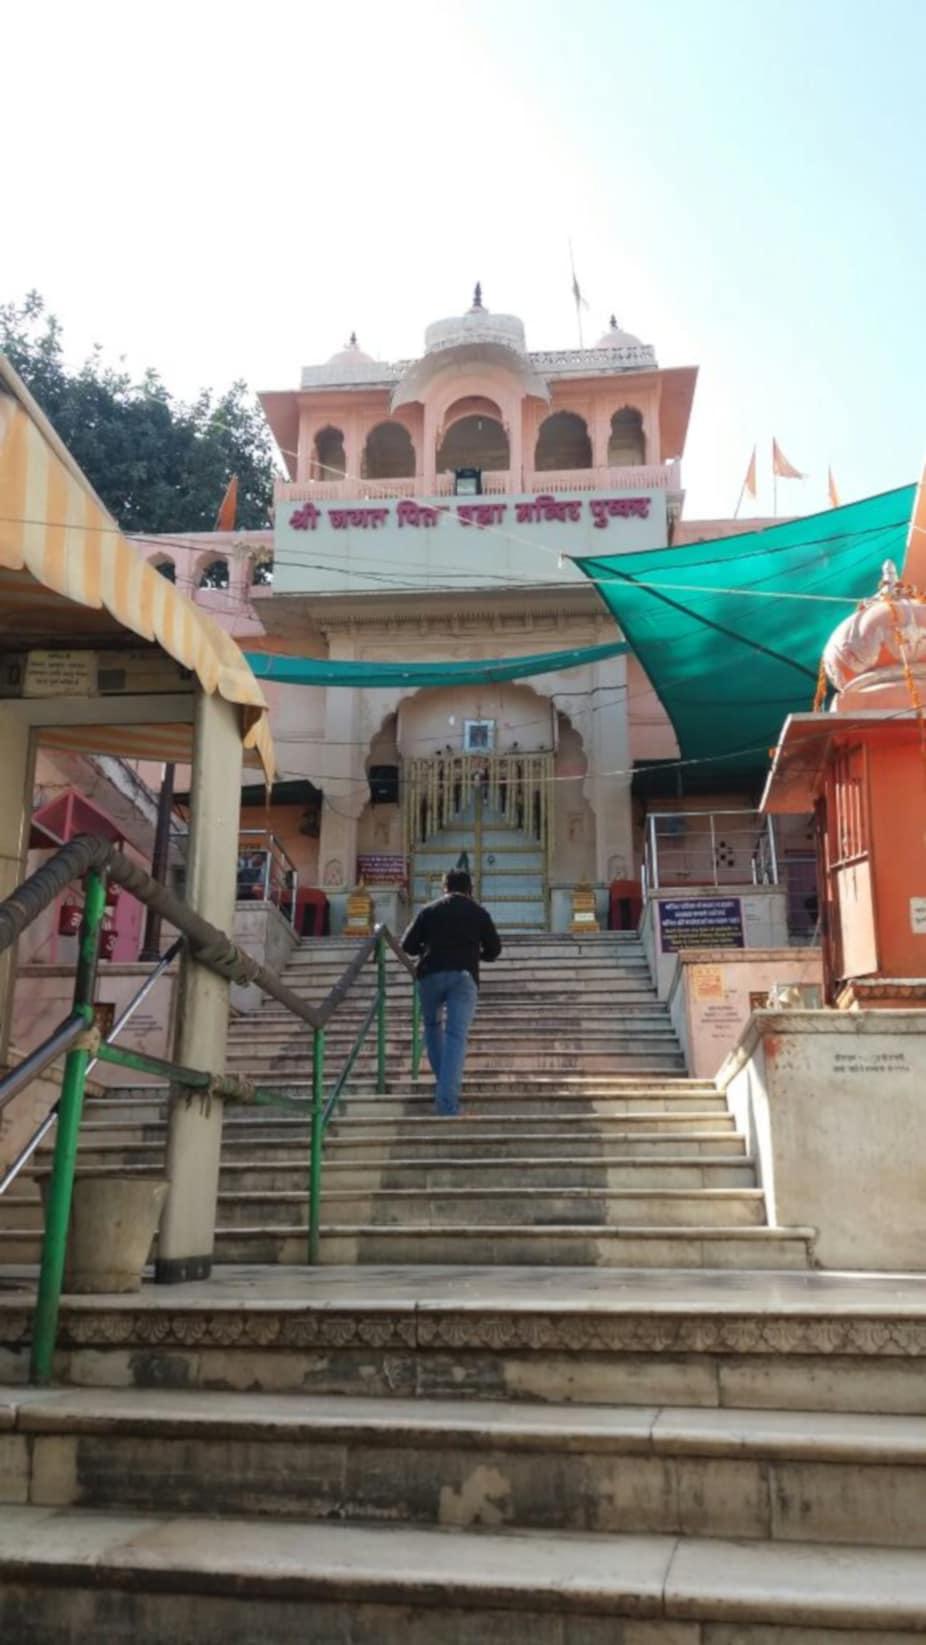 Tirtharaj Pushkar, pushkar news,Brahmatemple in pushkar, pushkar pics, pushkar significance, puskar mela, पुष्कर की खासियत,ब्रह्मा मंदिर, कैसे पहुंचे पुष्कर, पुष्कर की तस्वीरें